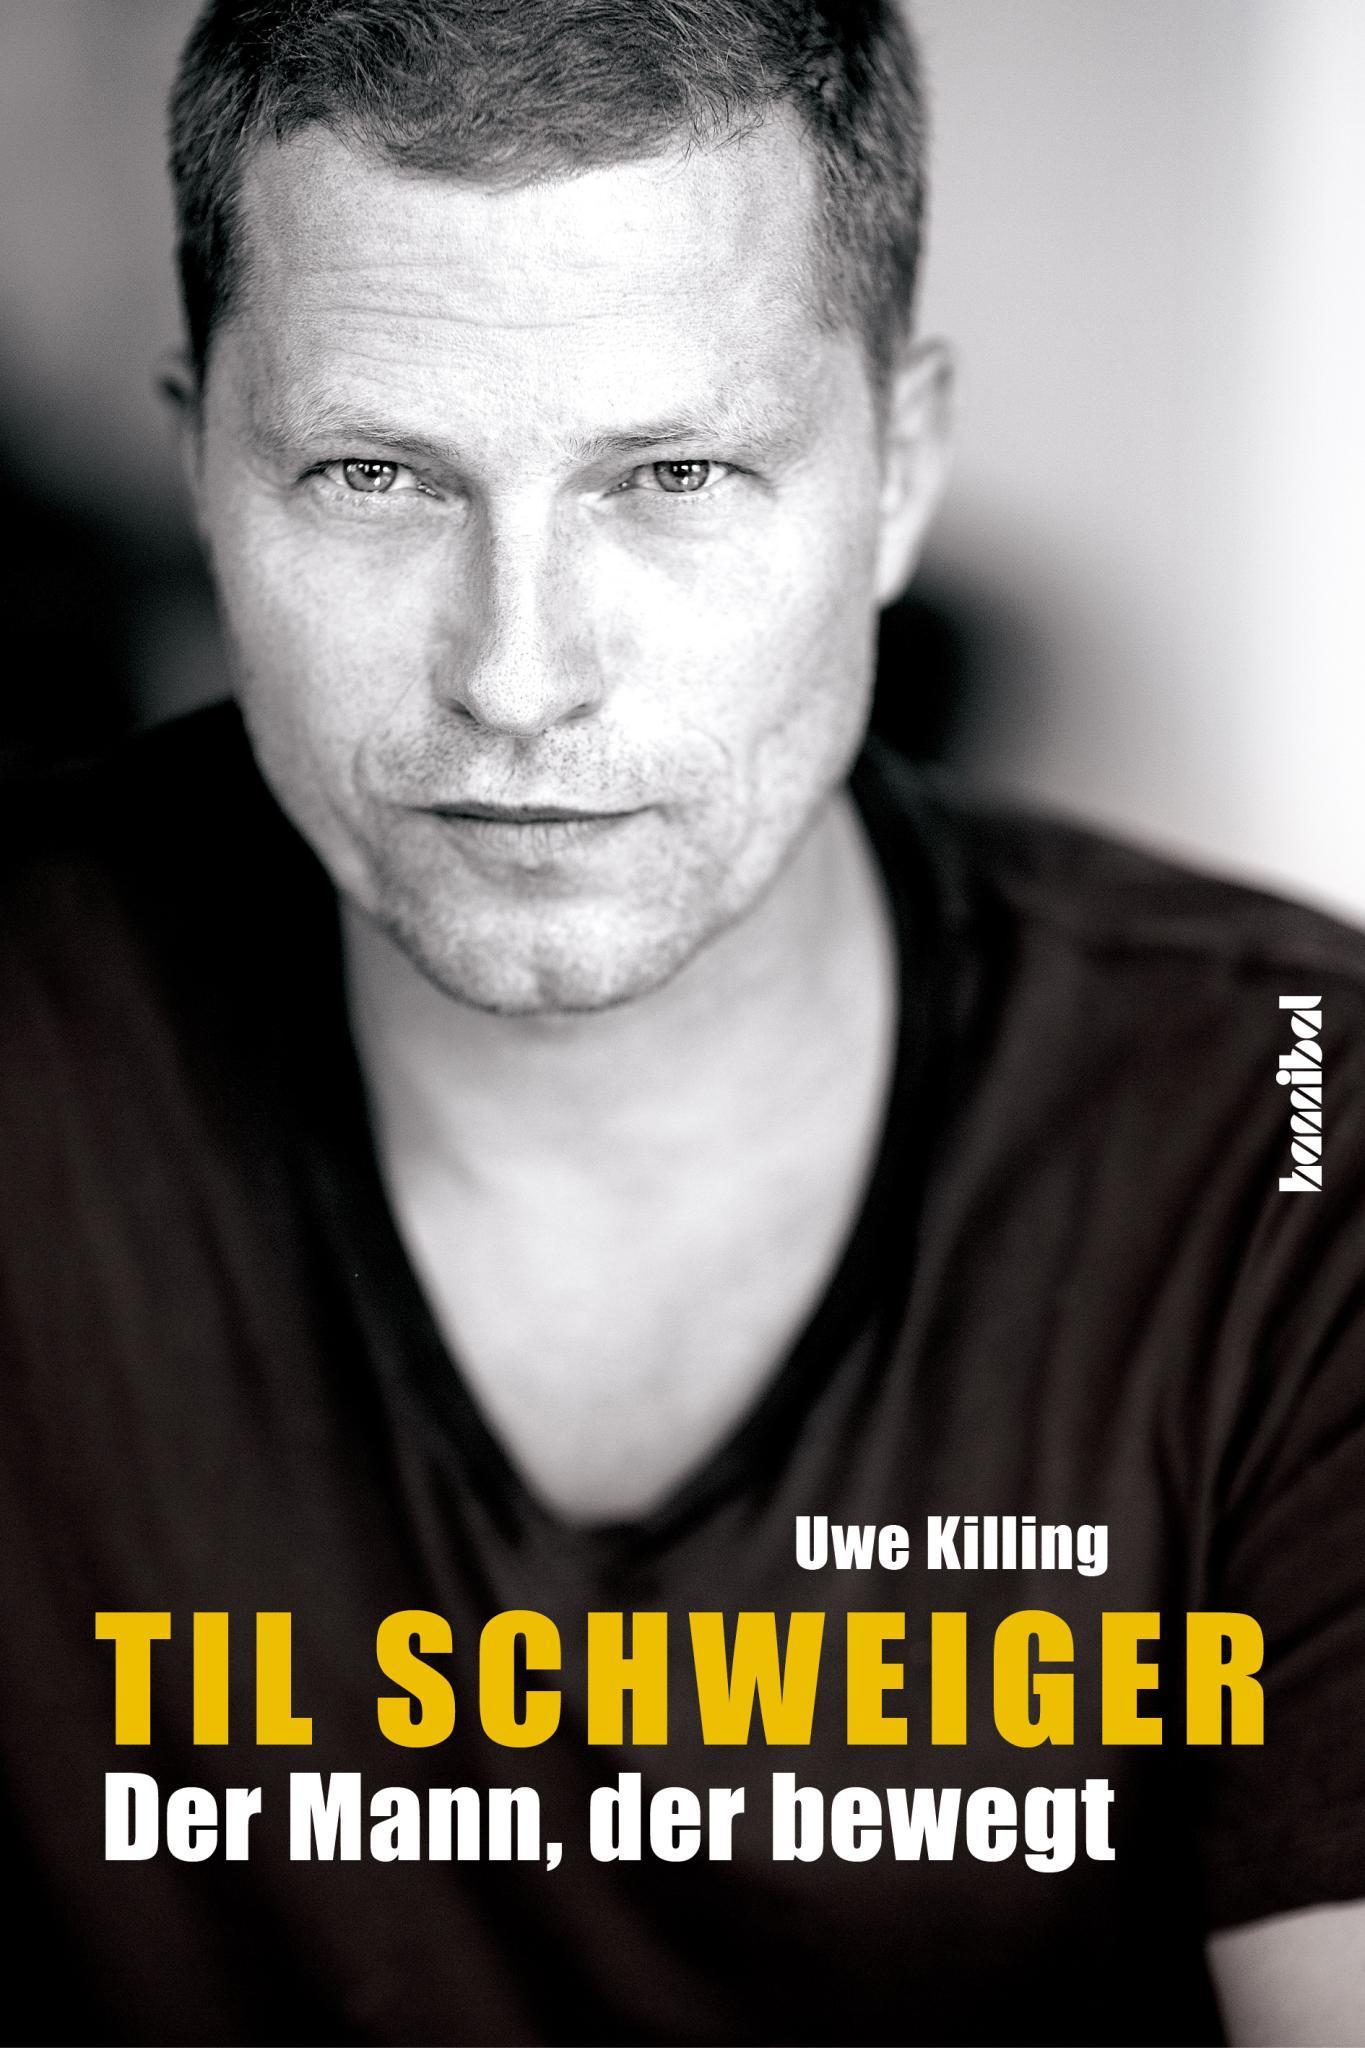 """Im Herbst erschien die Schweiger-Biografie """"Der Mann, der bewegt"""", verfasst von Uwe Killing (19,99 Euro, Hannibal-Verlag)."""